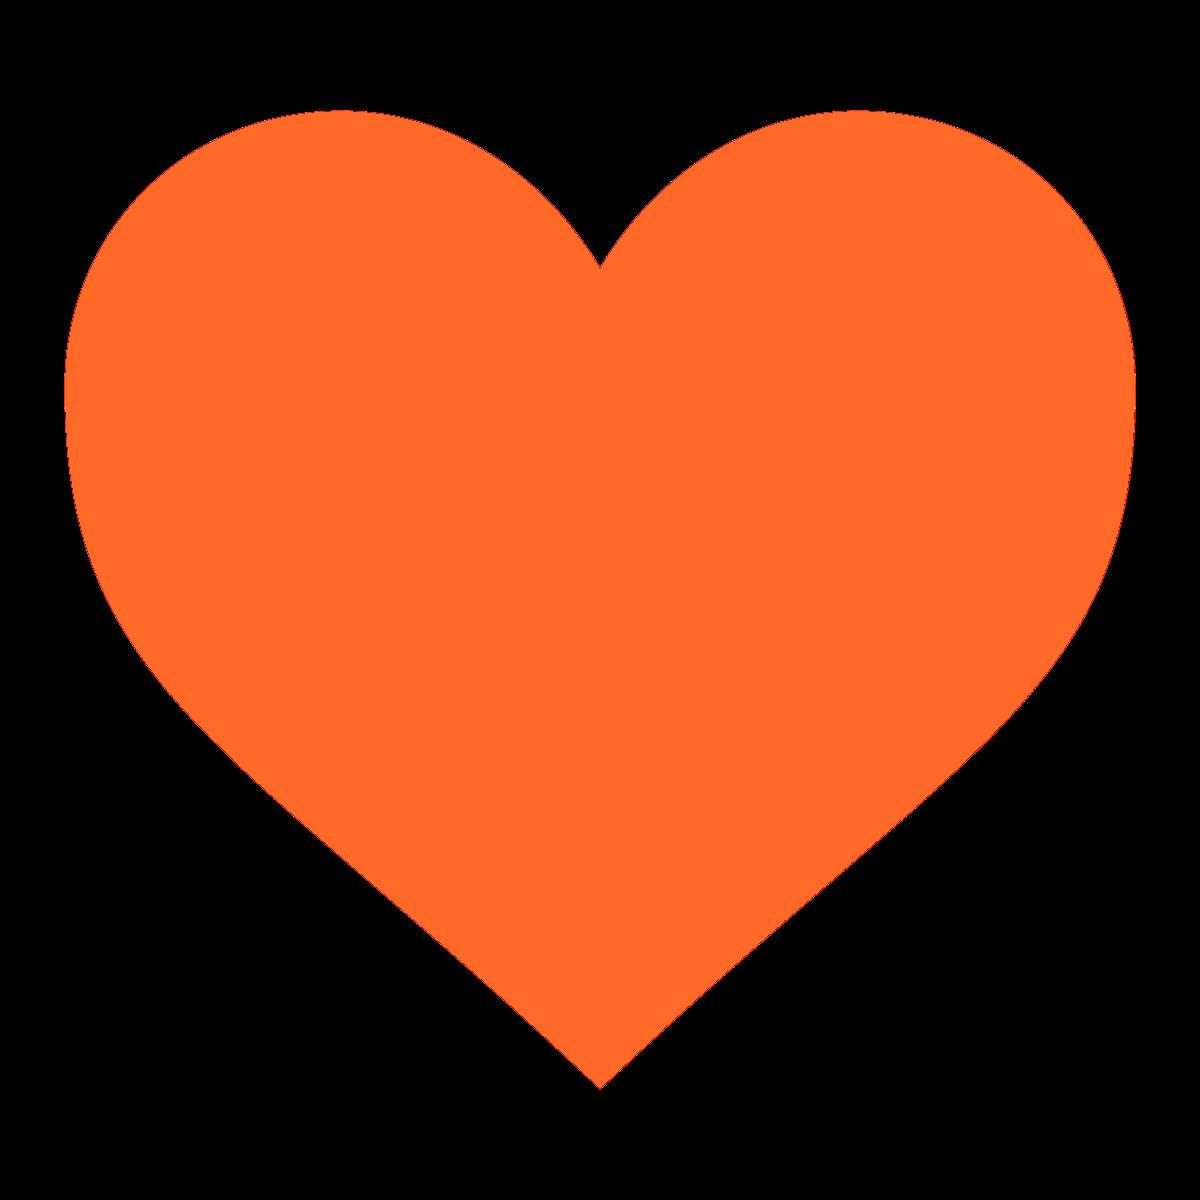 ಆನ್ ಲೈನ್ ಕ್ಲಾಸ್ ಮಧ್ಯೆಯೇ ವಿದ್ಯಾರ್ಥಿಯ ಪ್ರಣಯದಾಟ: ಕ್ಯಾಮರಾ ಆಫ್ ಮಾಡದೆ ನಡೆಯಿತು ಎಡವಟ್ಟು